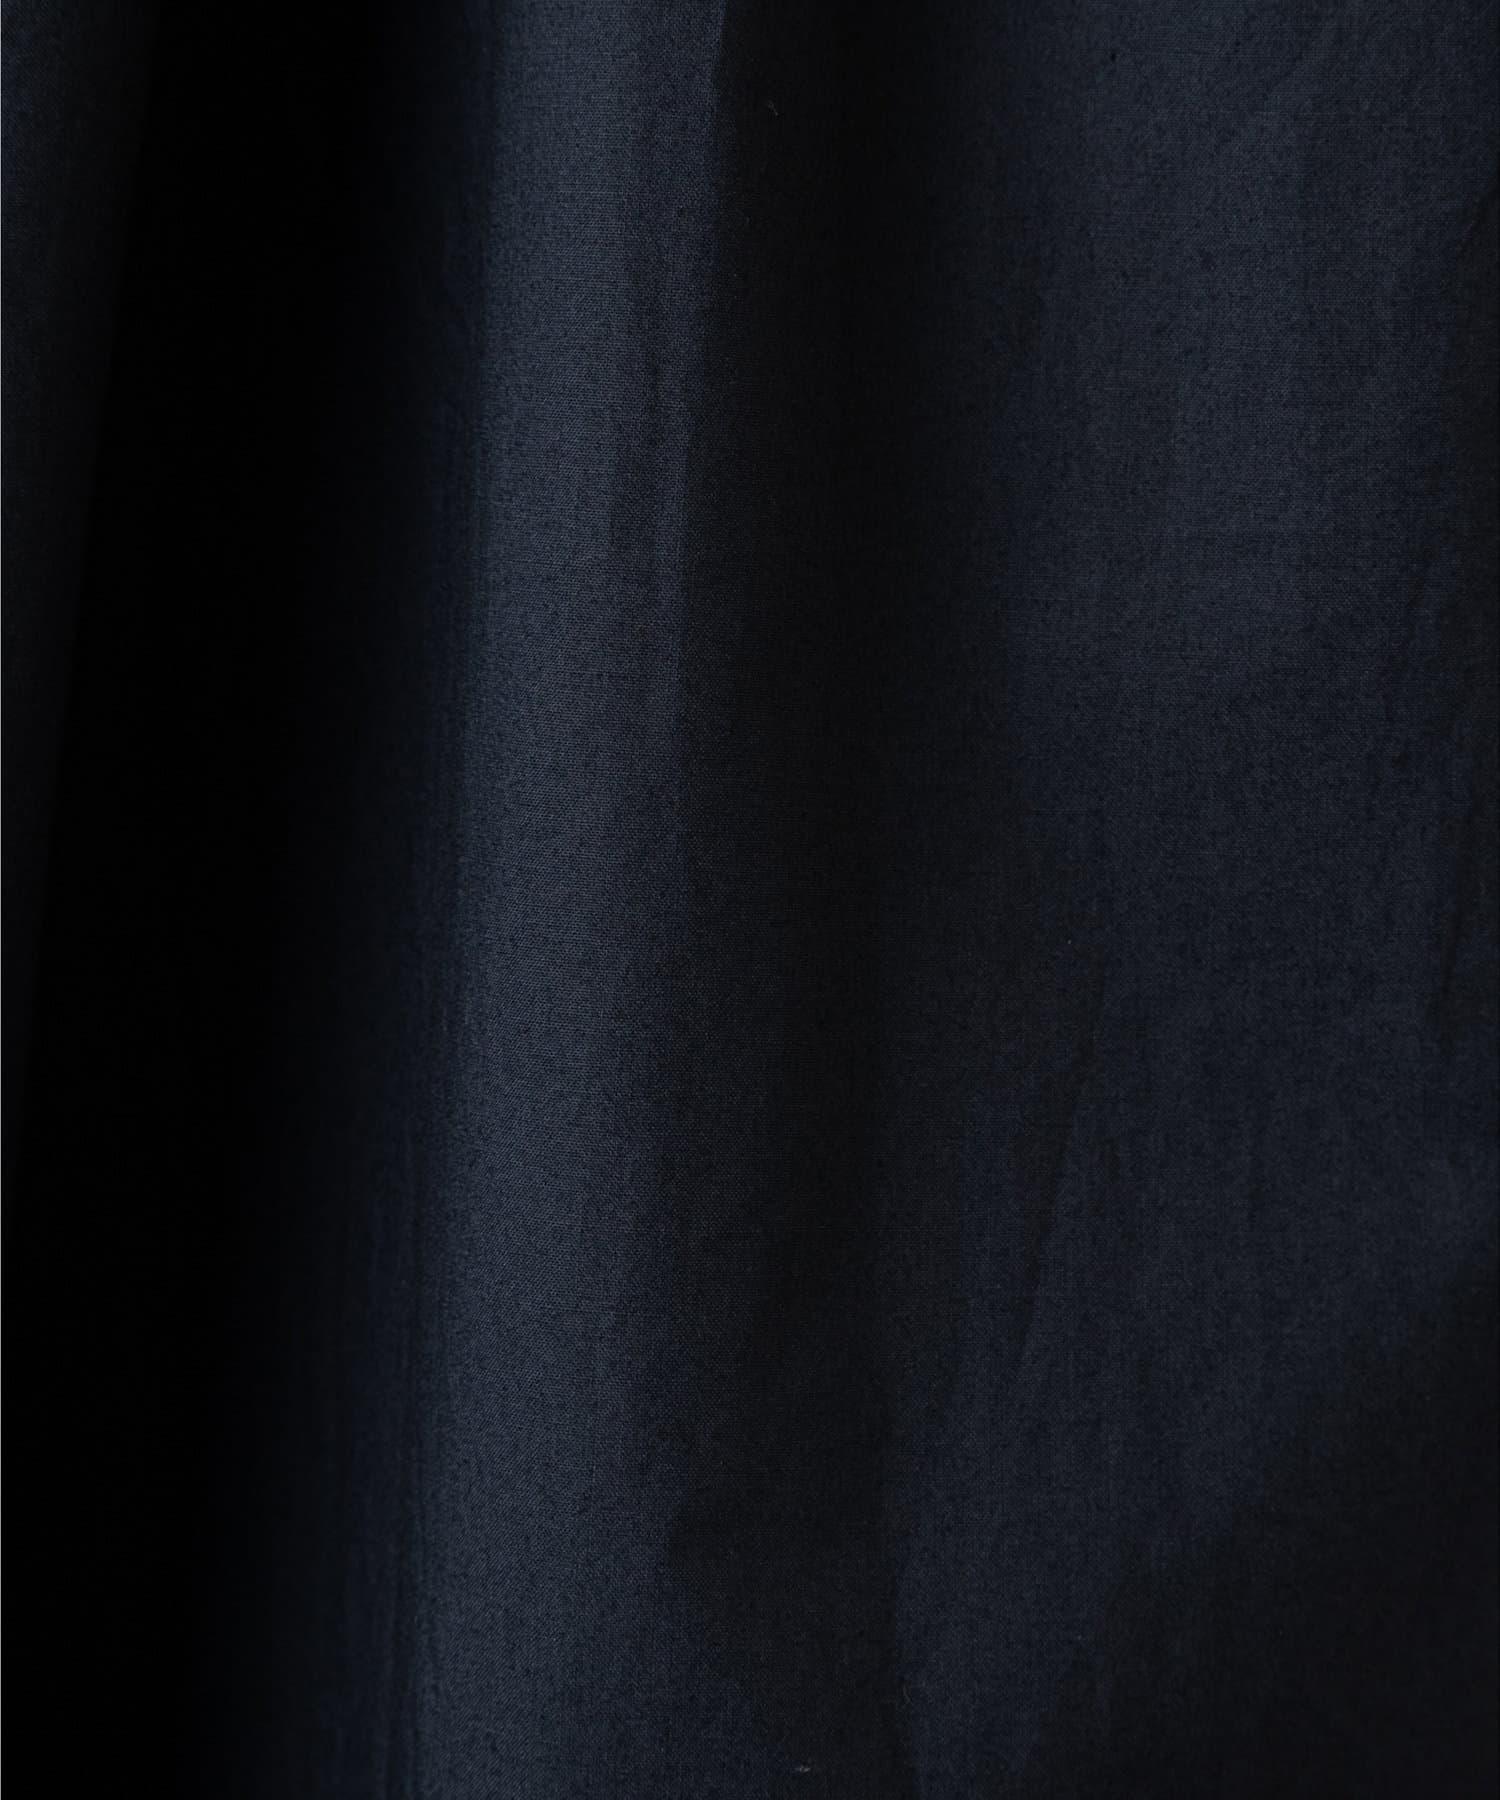 GALLARDAGALANTE(ガリャルダガランテ) アメリカンスリーブワンピース【オンラインストア限定商品】